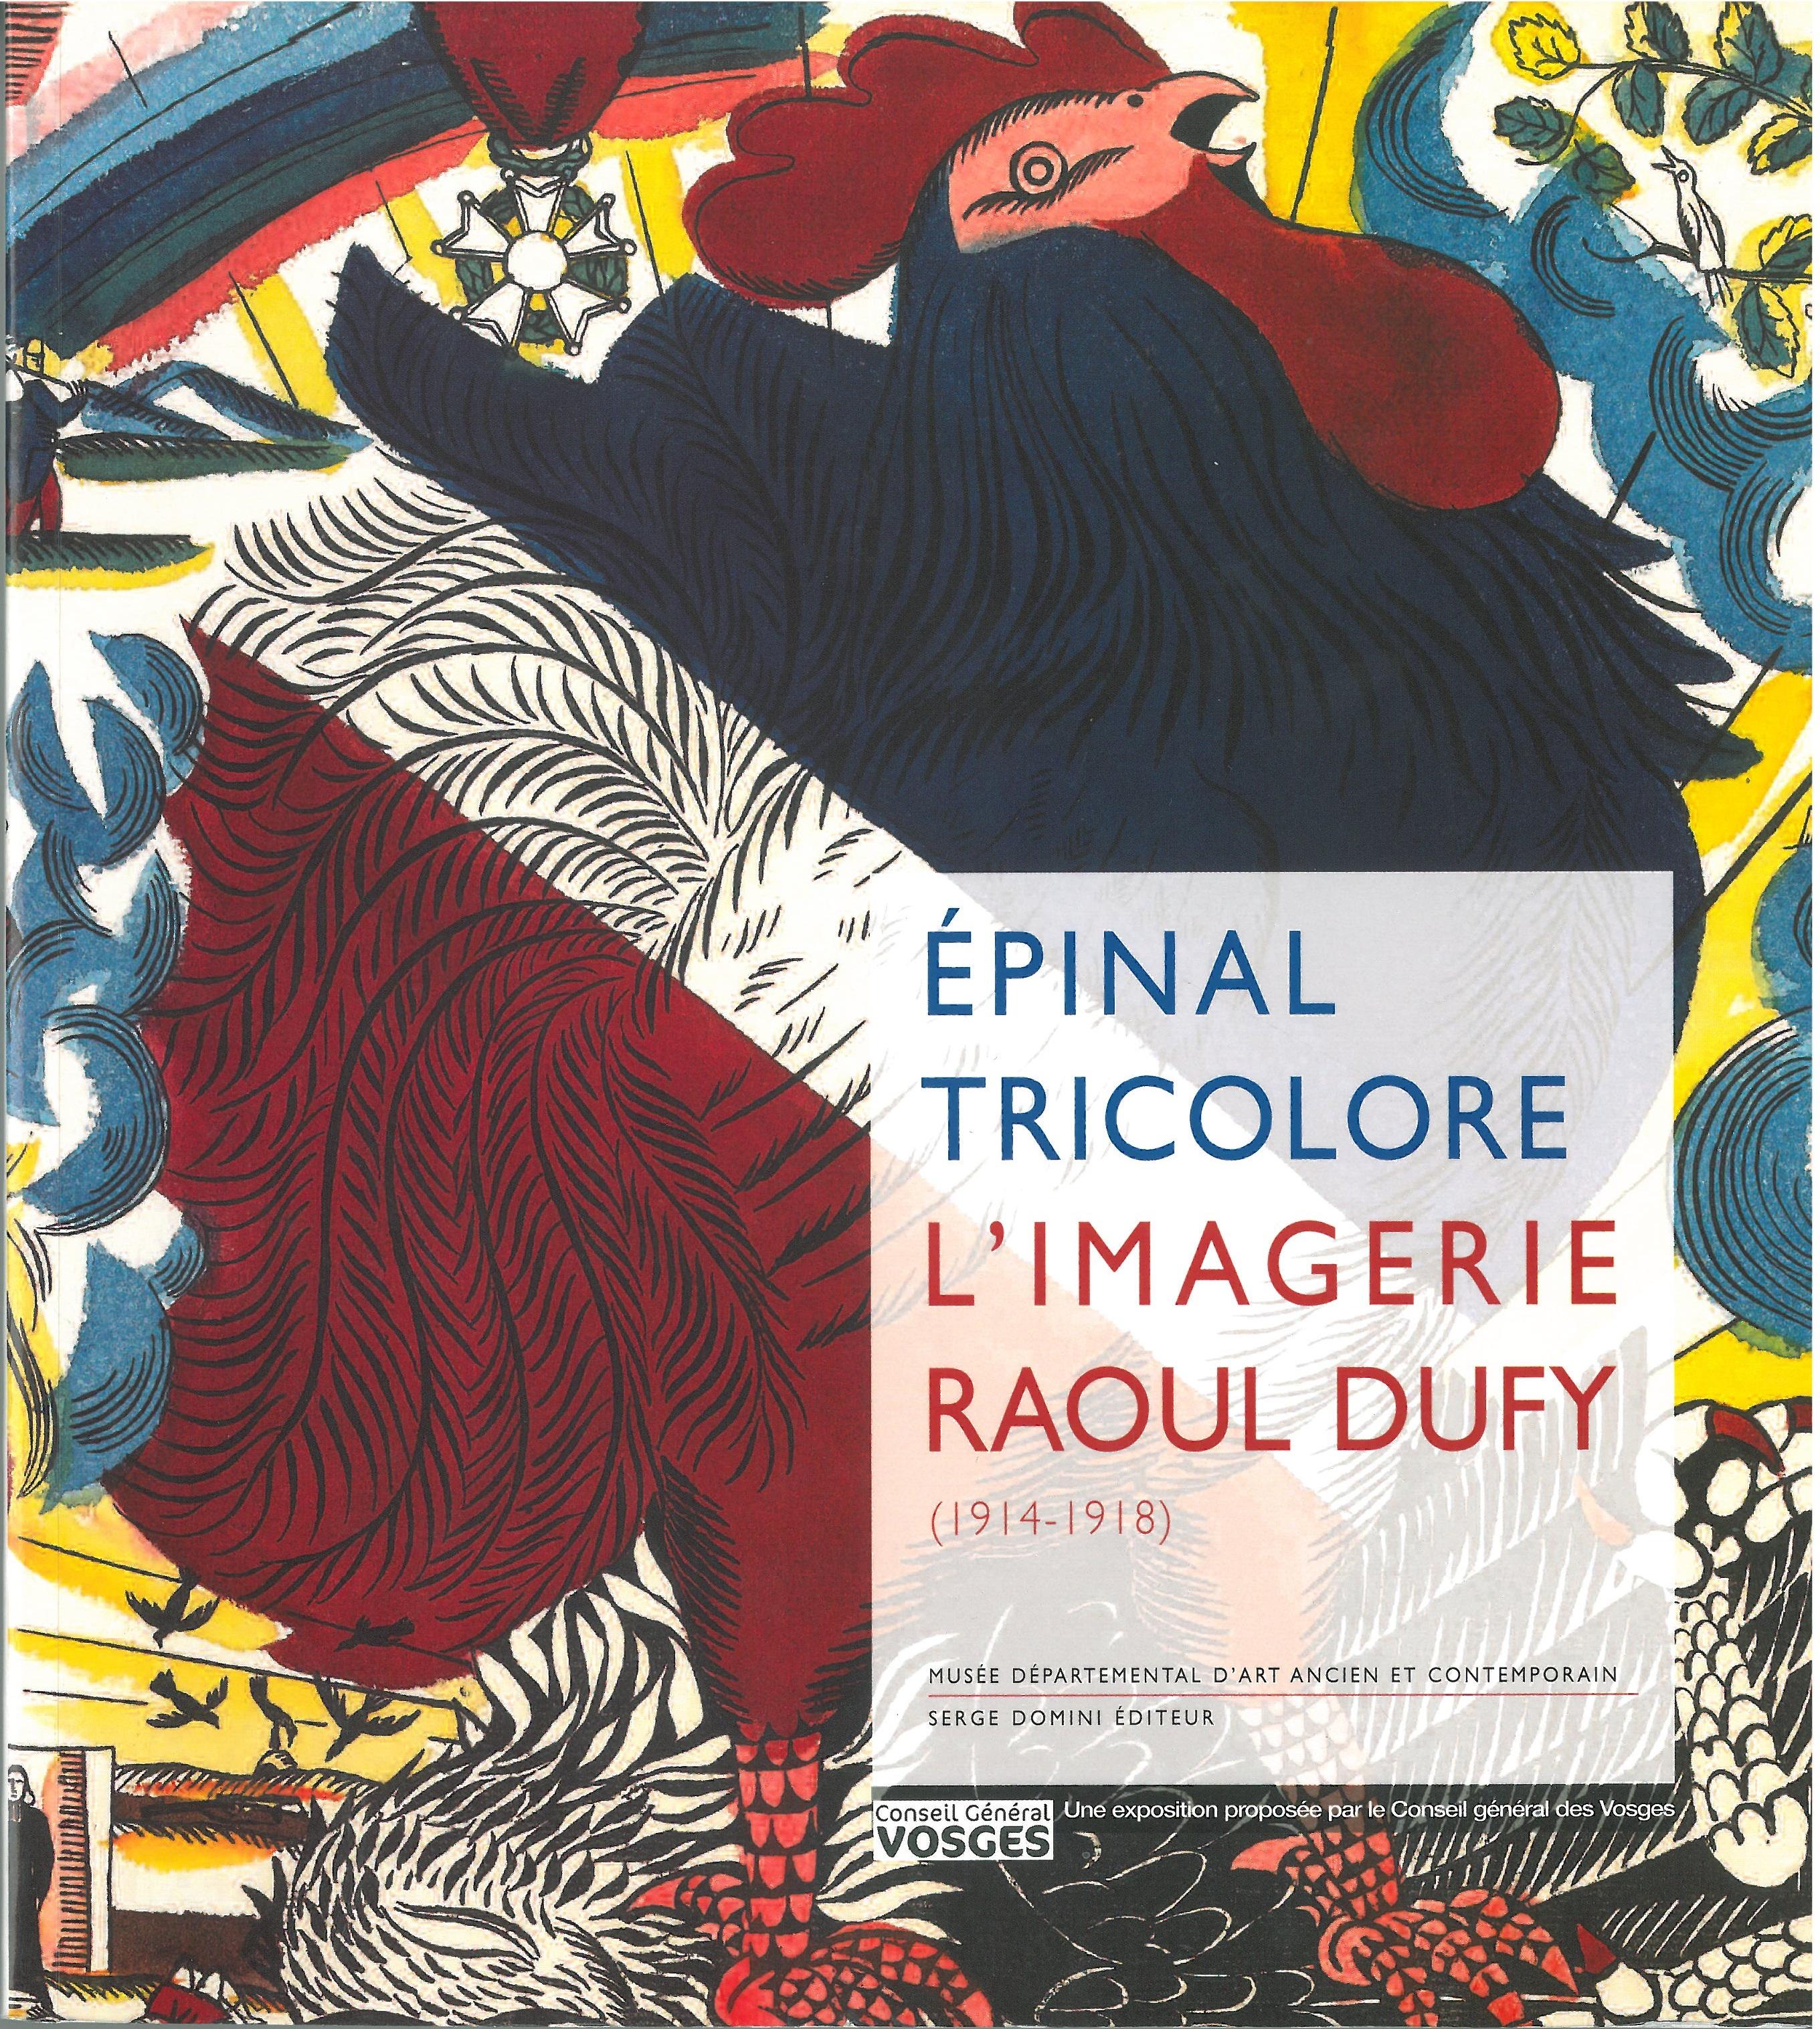 Epinal Tricolore 2011